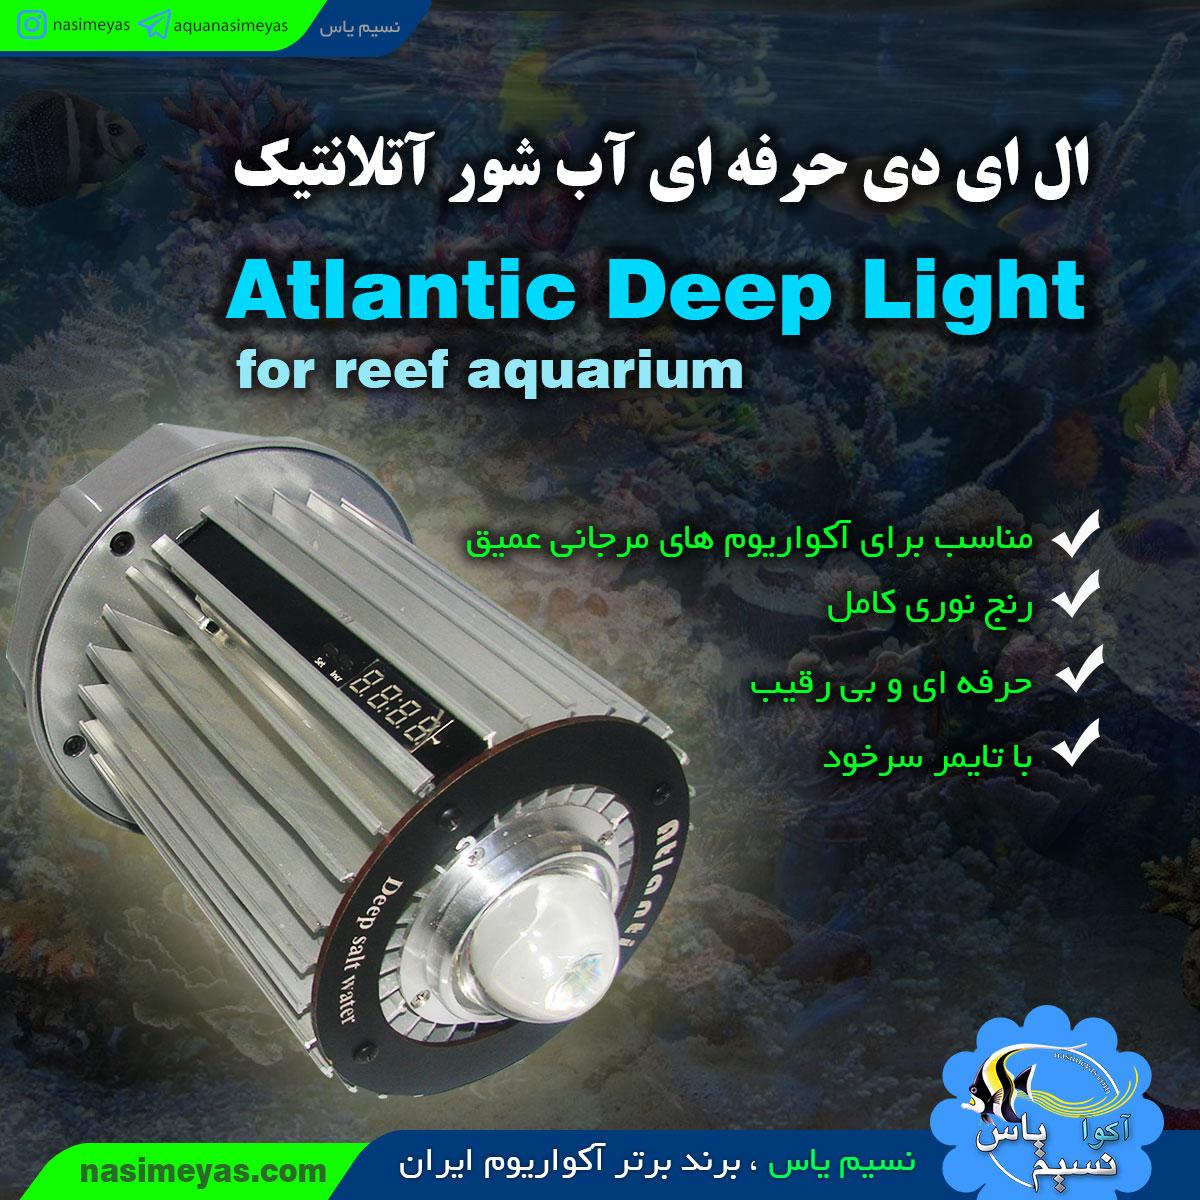 Atlantic Deep light for reef aquarium